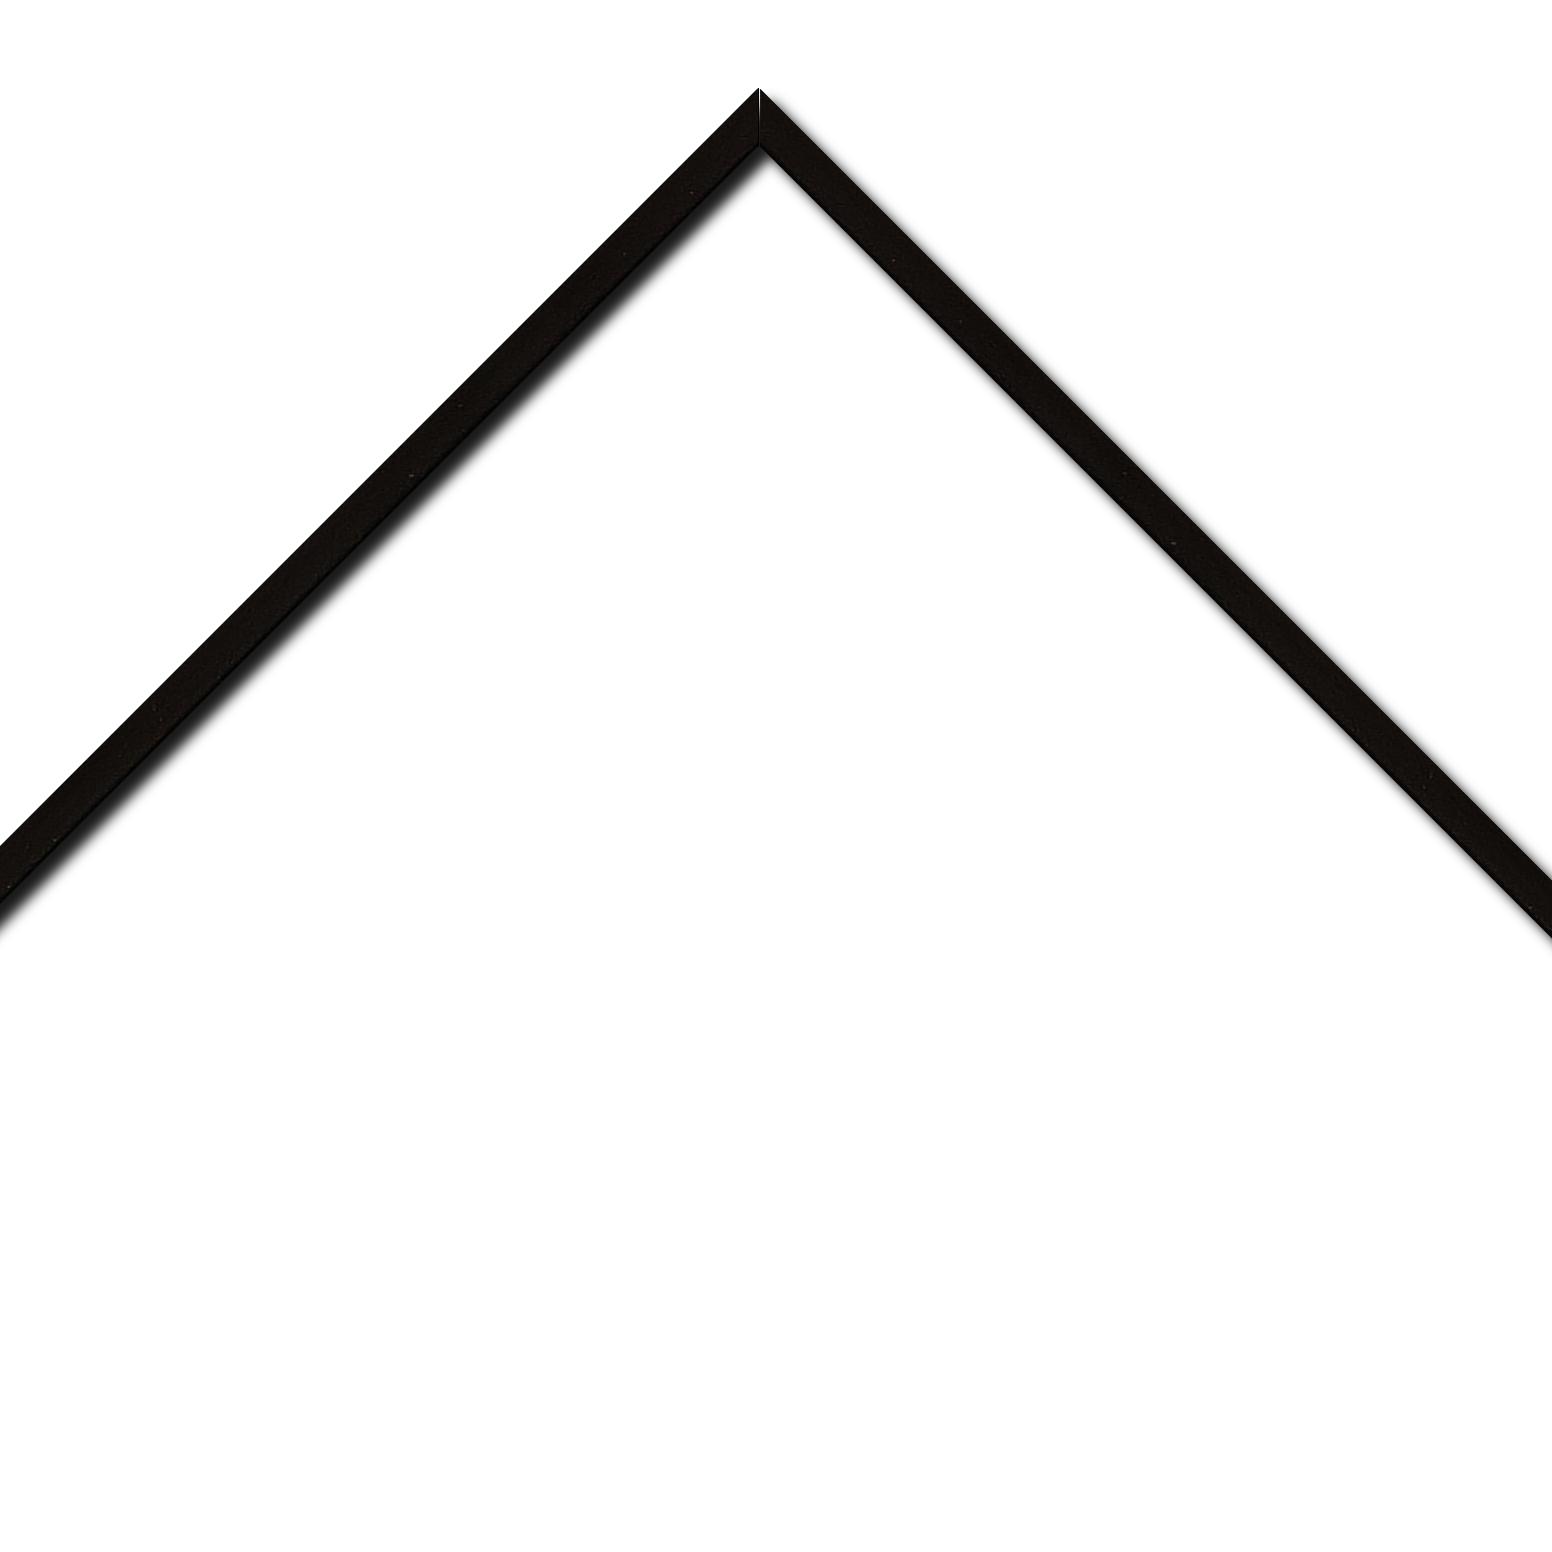 Baguette aluminium profil plat largeur 1cm couleur noir satiné (mise en place du sujet très rapide et très simple,sans démontage du cadre car angles sertis ) encadrement livré monté prêt à l'emploi (cadre fabriqué à vos mesures dans nos ateliers de besançon)